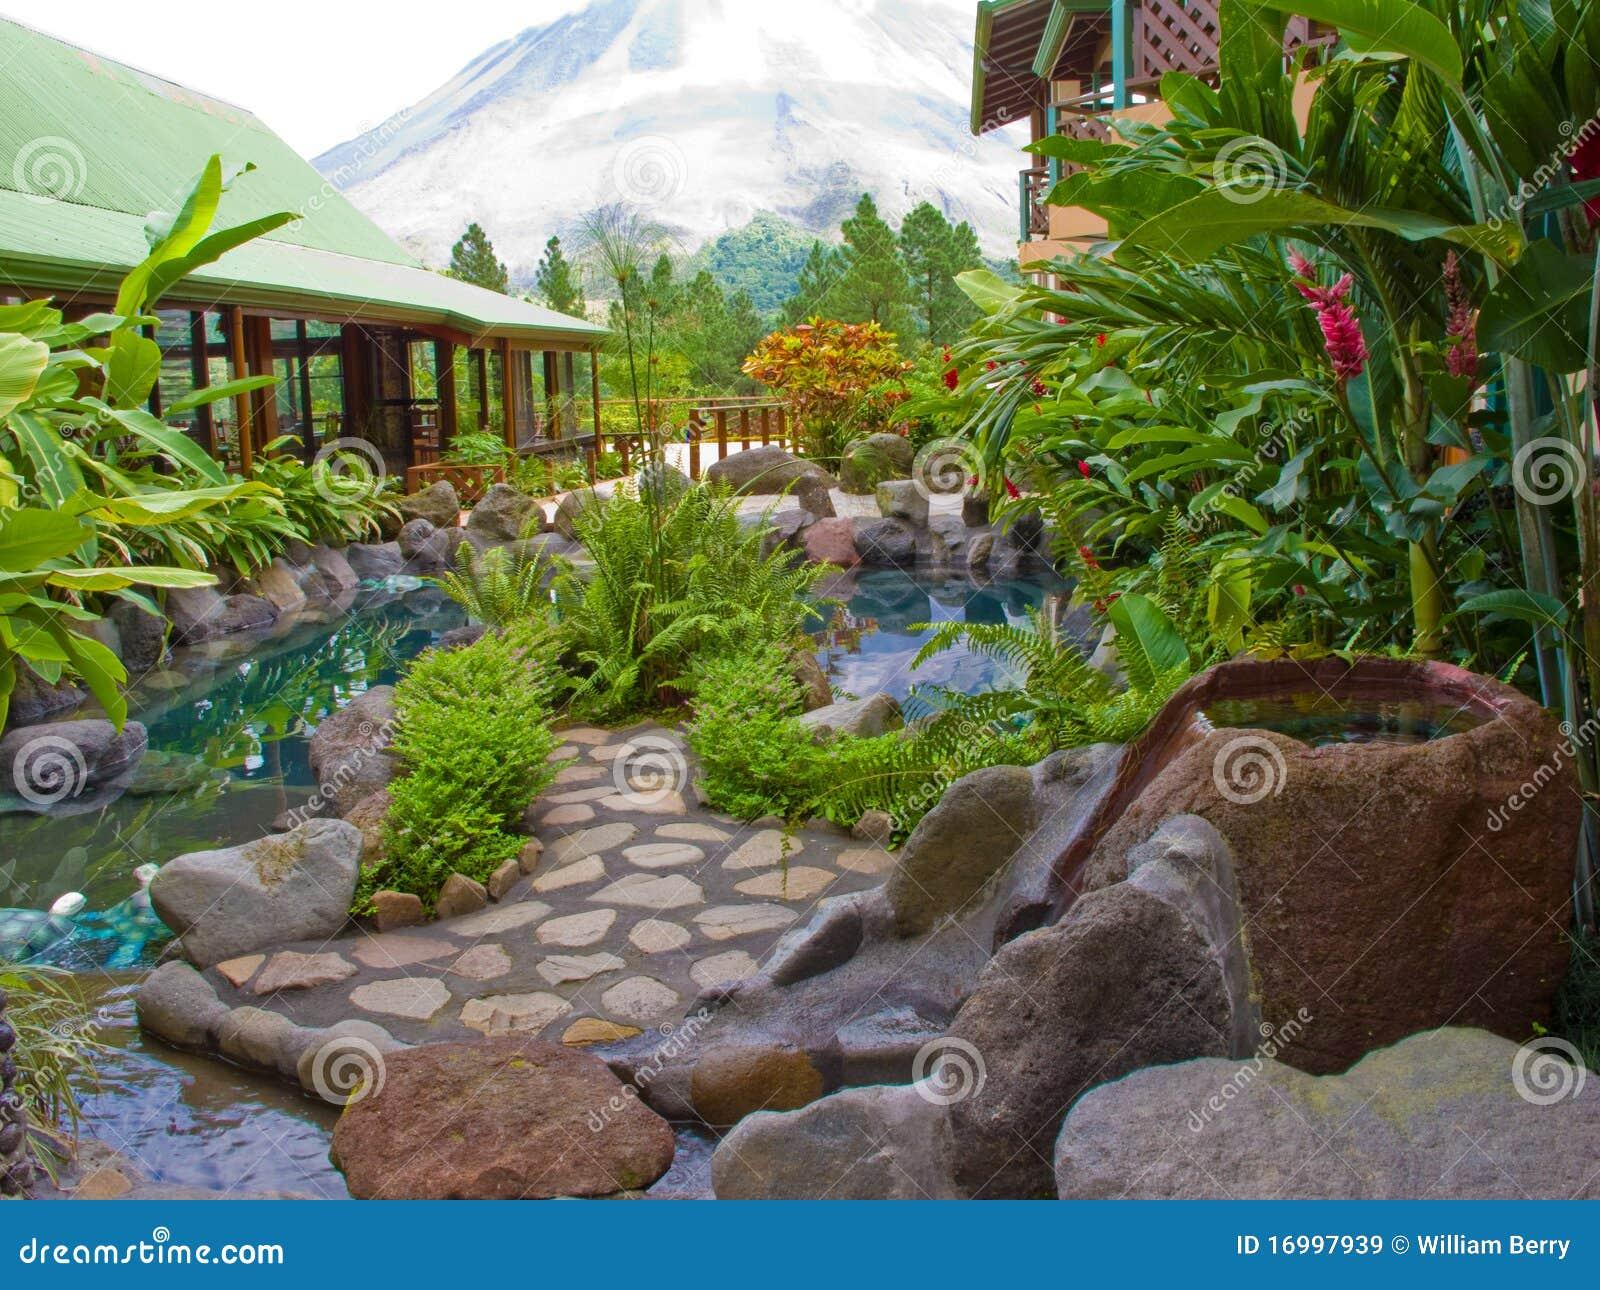 Giardino tropicale immagine stock immagine di nave - Giardino tropicale ...